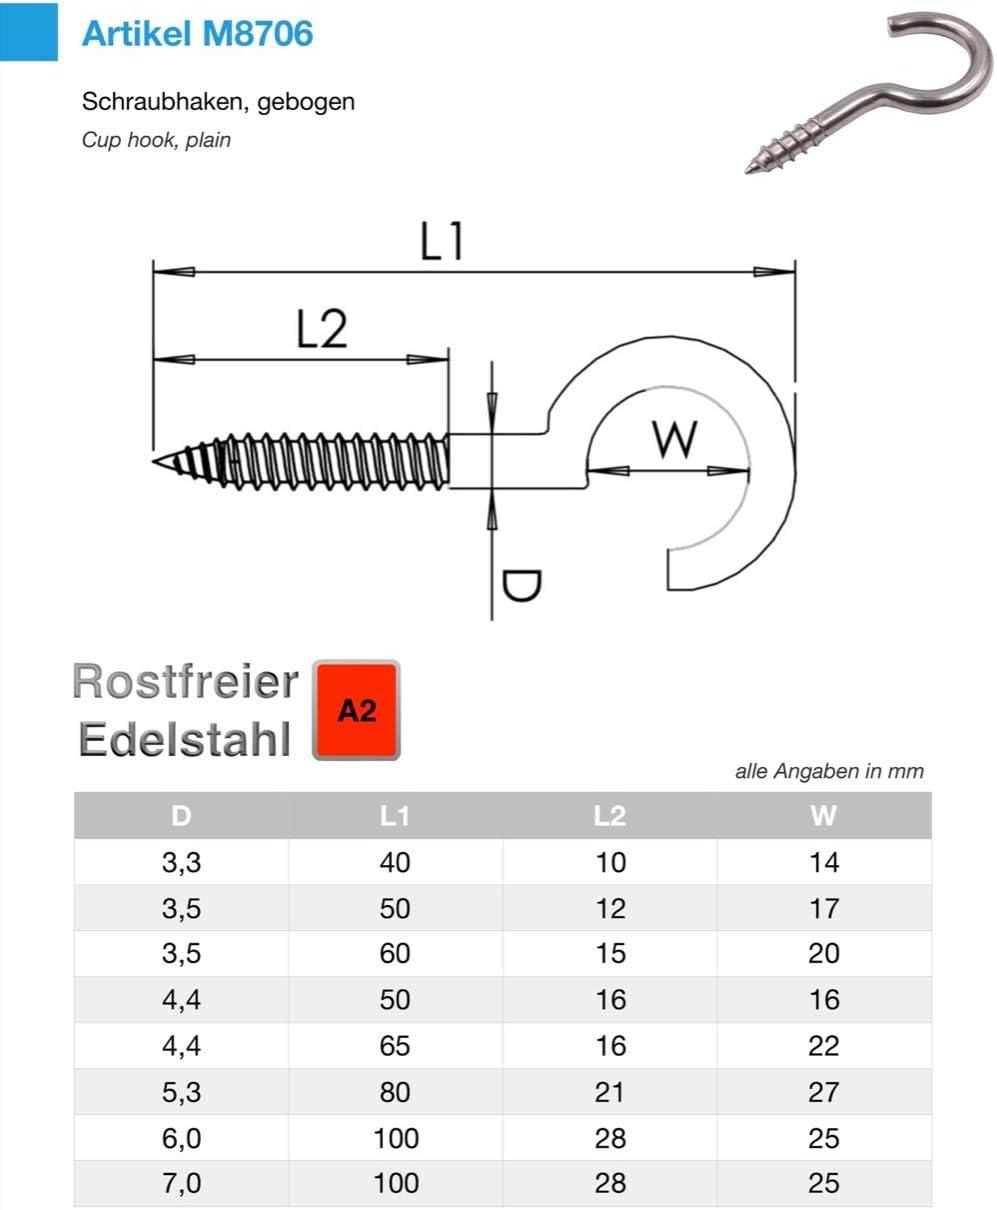 5 St/ück 3.5 x 60 mm Schraubhaken Edelstahl V2A Inox Hakenschrauben Holzgewinde W/äscheleine